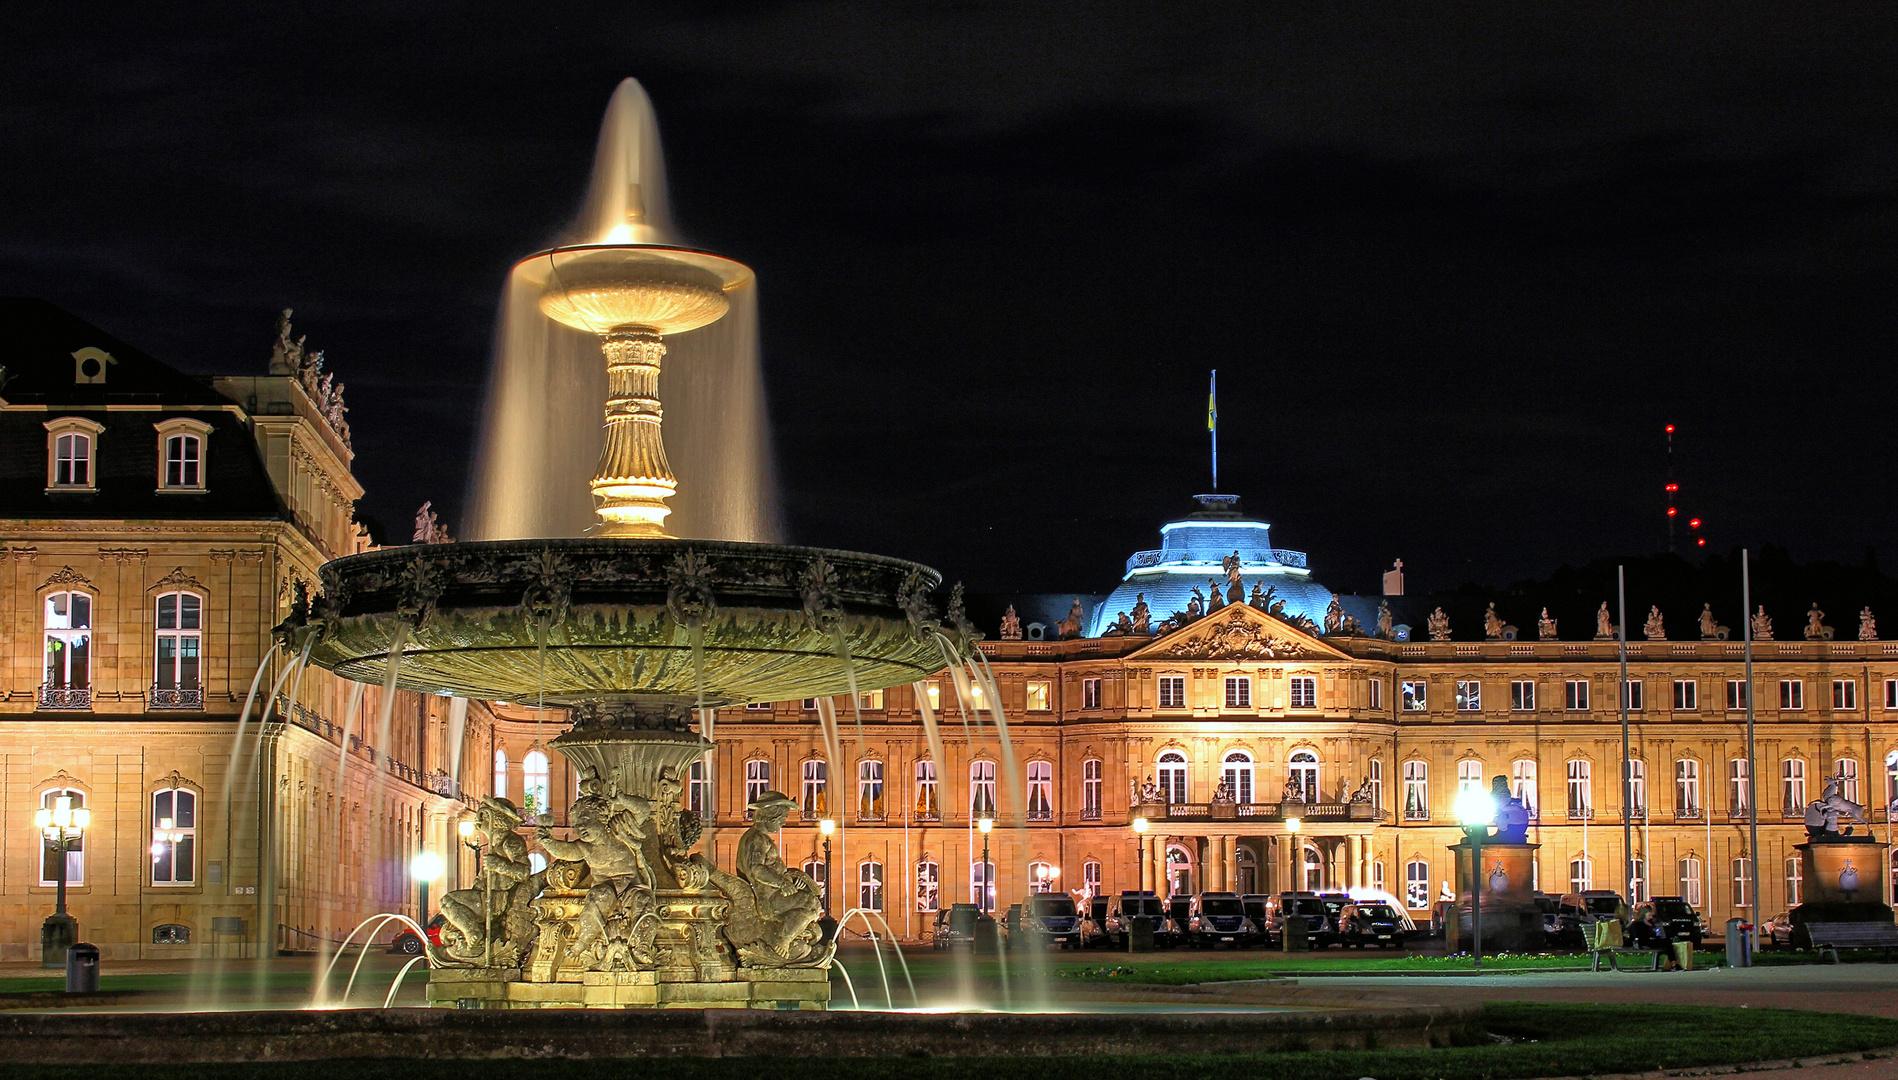 Neues Schloss (Stuttgart) bei Nacht